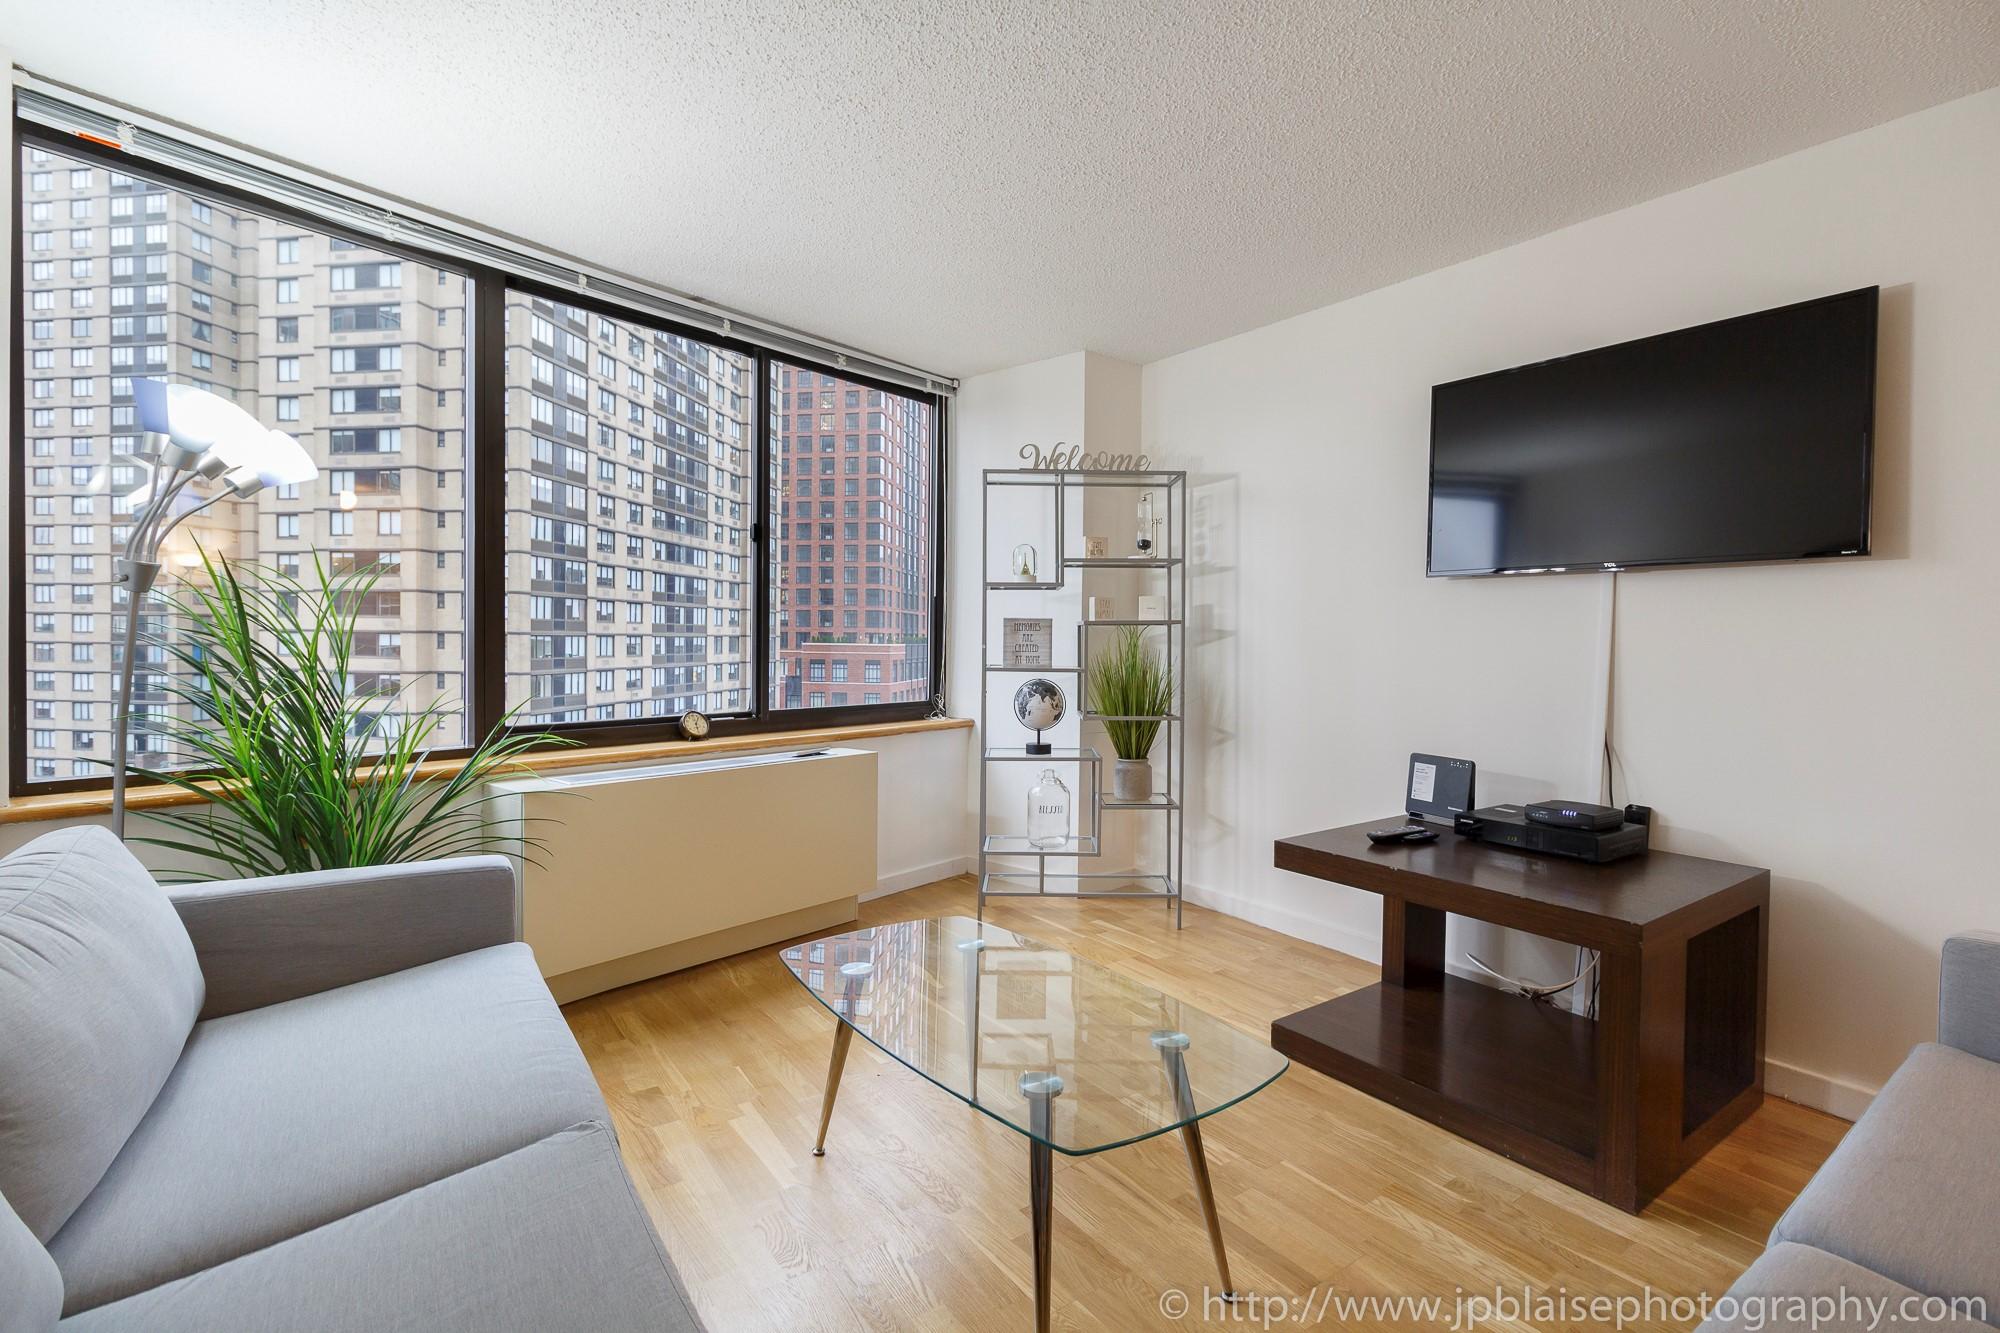 Apartment photographer NYC adventures: one bedroom condo ...